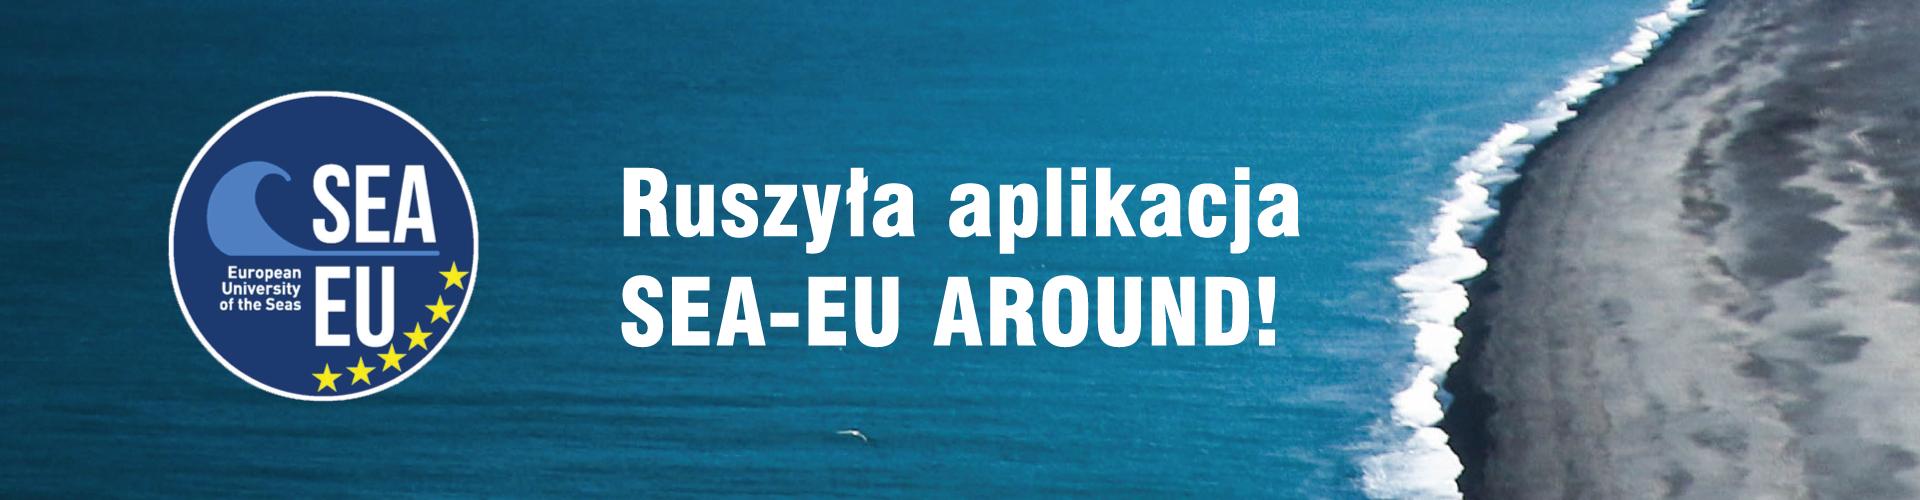 Ruszyła aplikacja SEA-EU AROUND